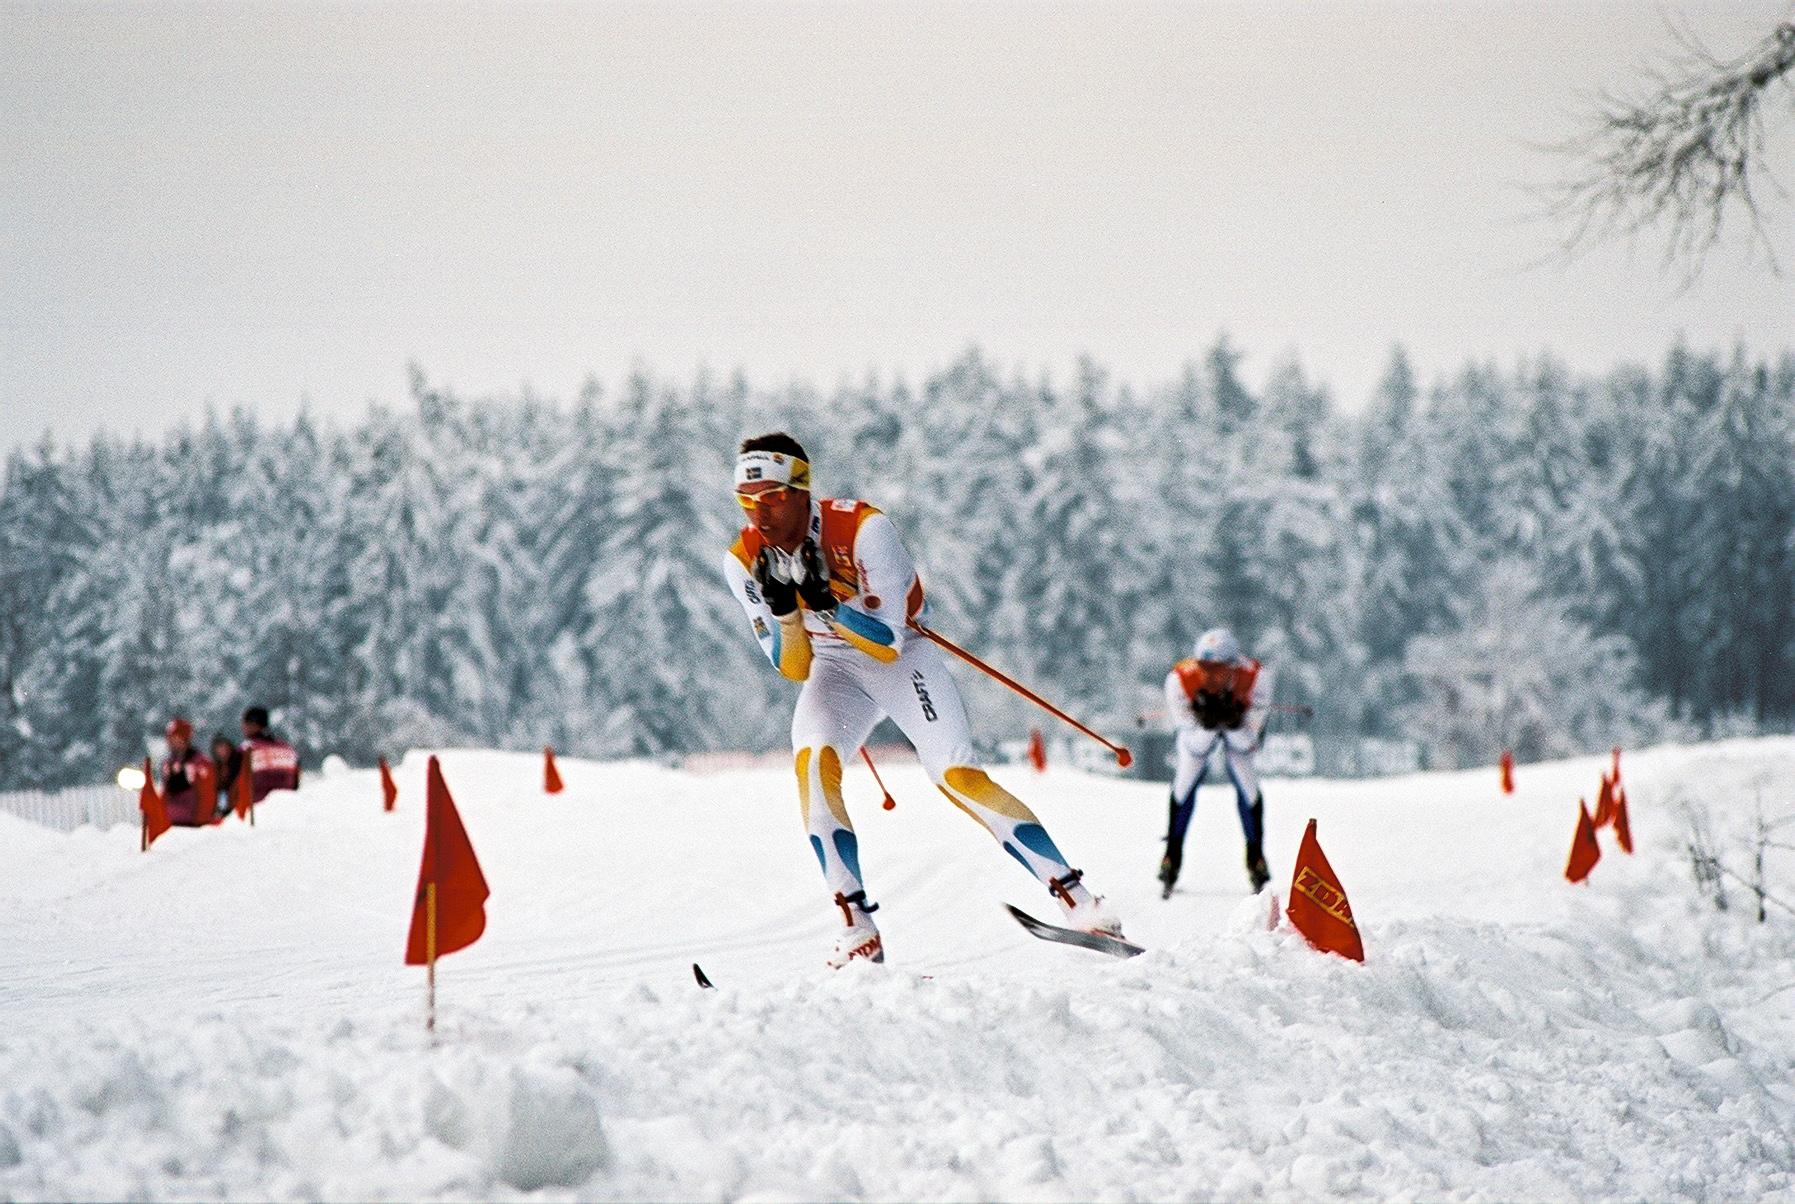 Langlauf-Weltcuprennen in Nové Město na Moravě (Foto: Oskar Karlin, Flickr, CC BY-SA 2.0)